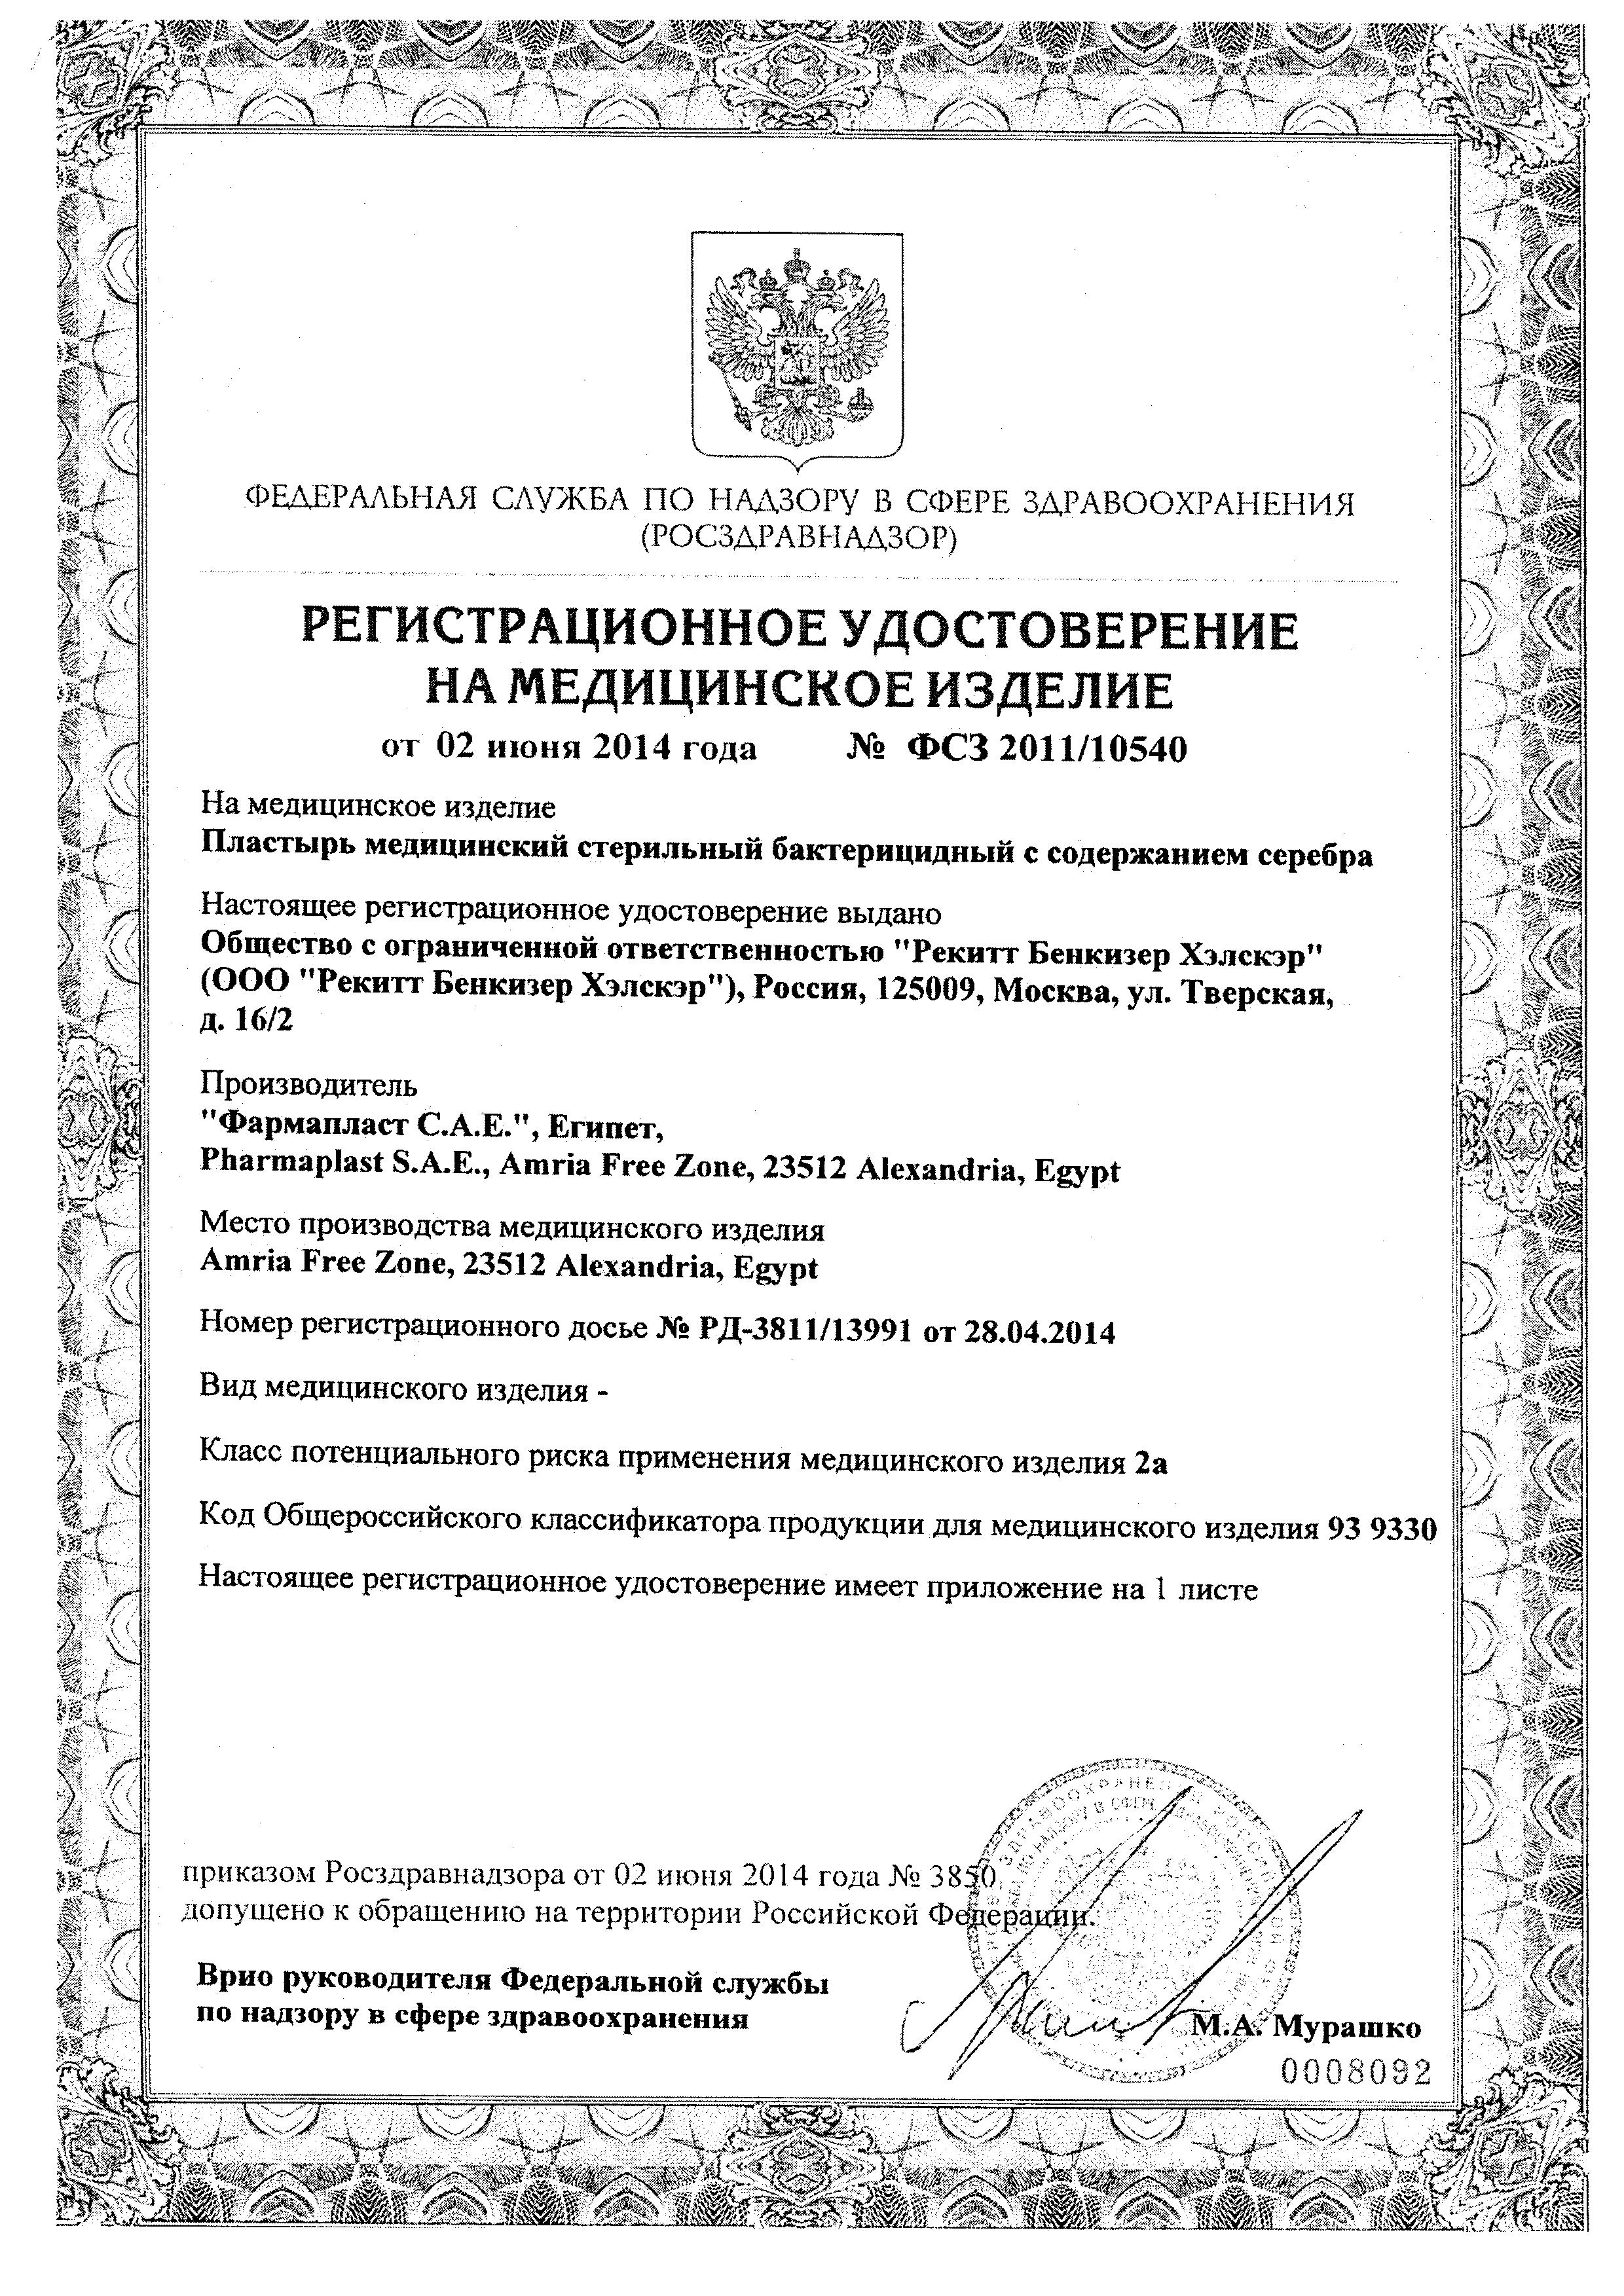 Silkoplast Sensi пластырь с содержанием серебра сертификат